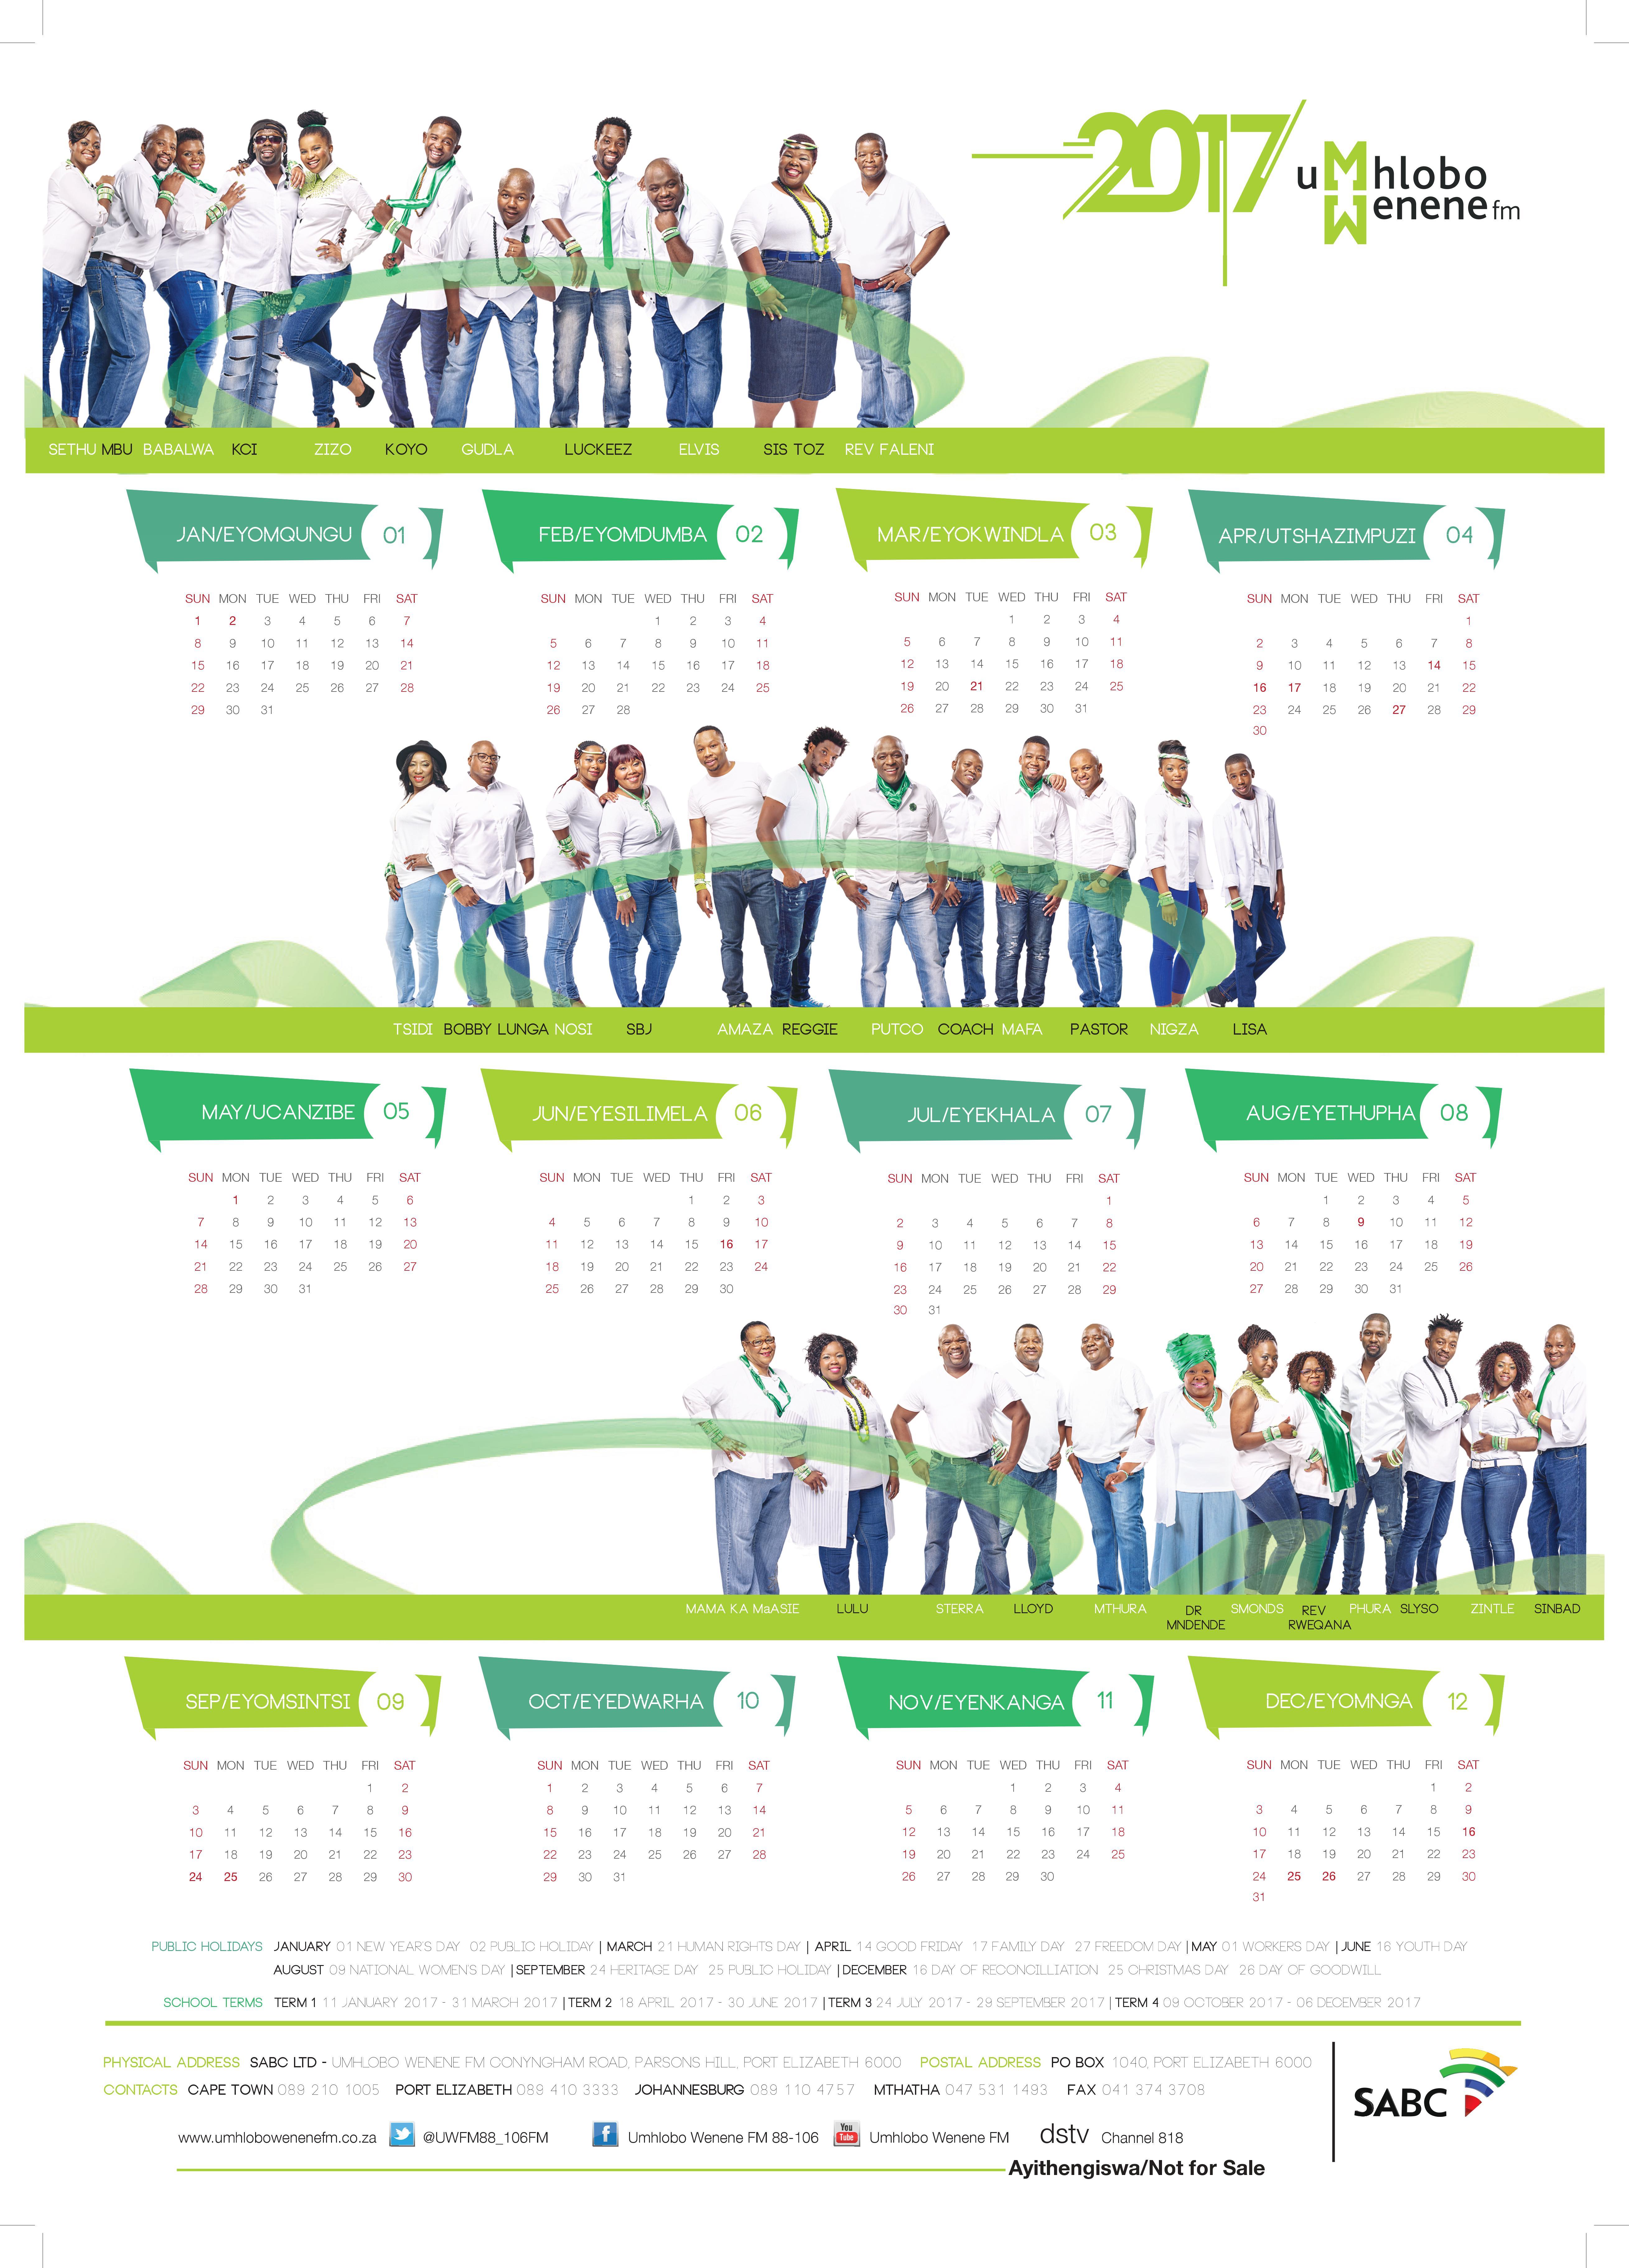 Calendar Za : Station calendar umhlobowenenefm